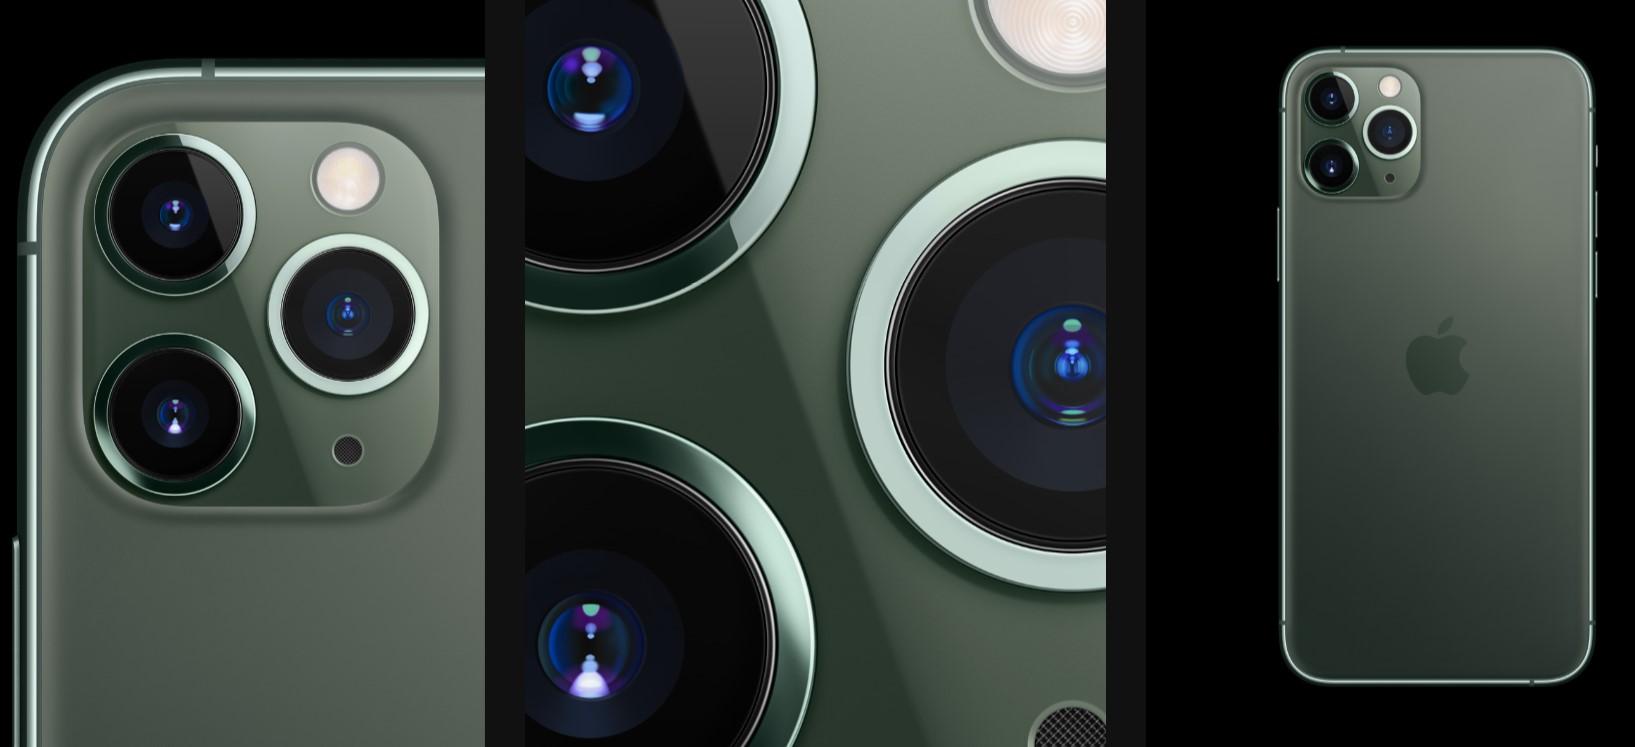 Revoluční iPhone 11 Pro a Pro Max s unikátní trojitou kamerou